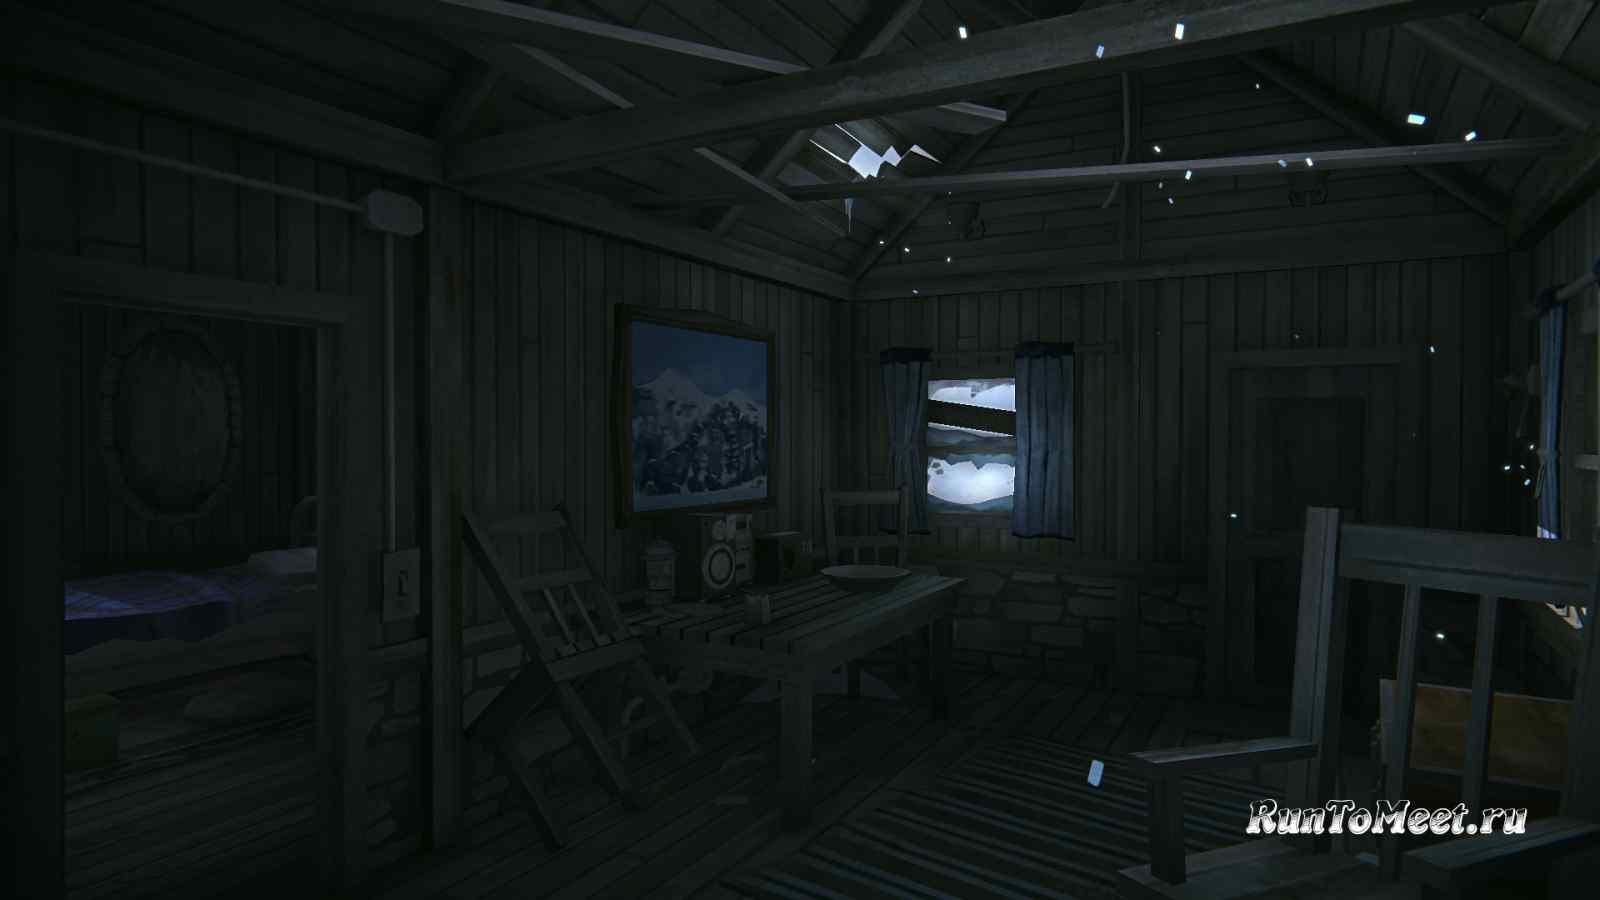 Интерьер домика, возле Нижних водопадов Ворона, на Бледной бухте, в игре The long dark